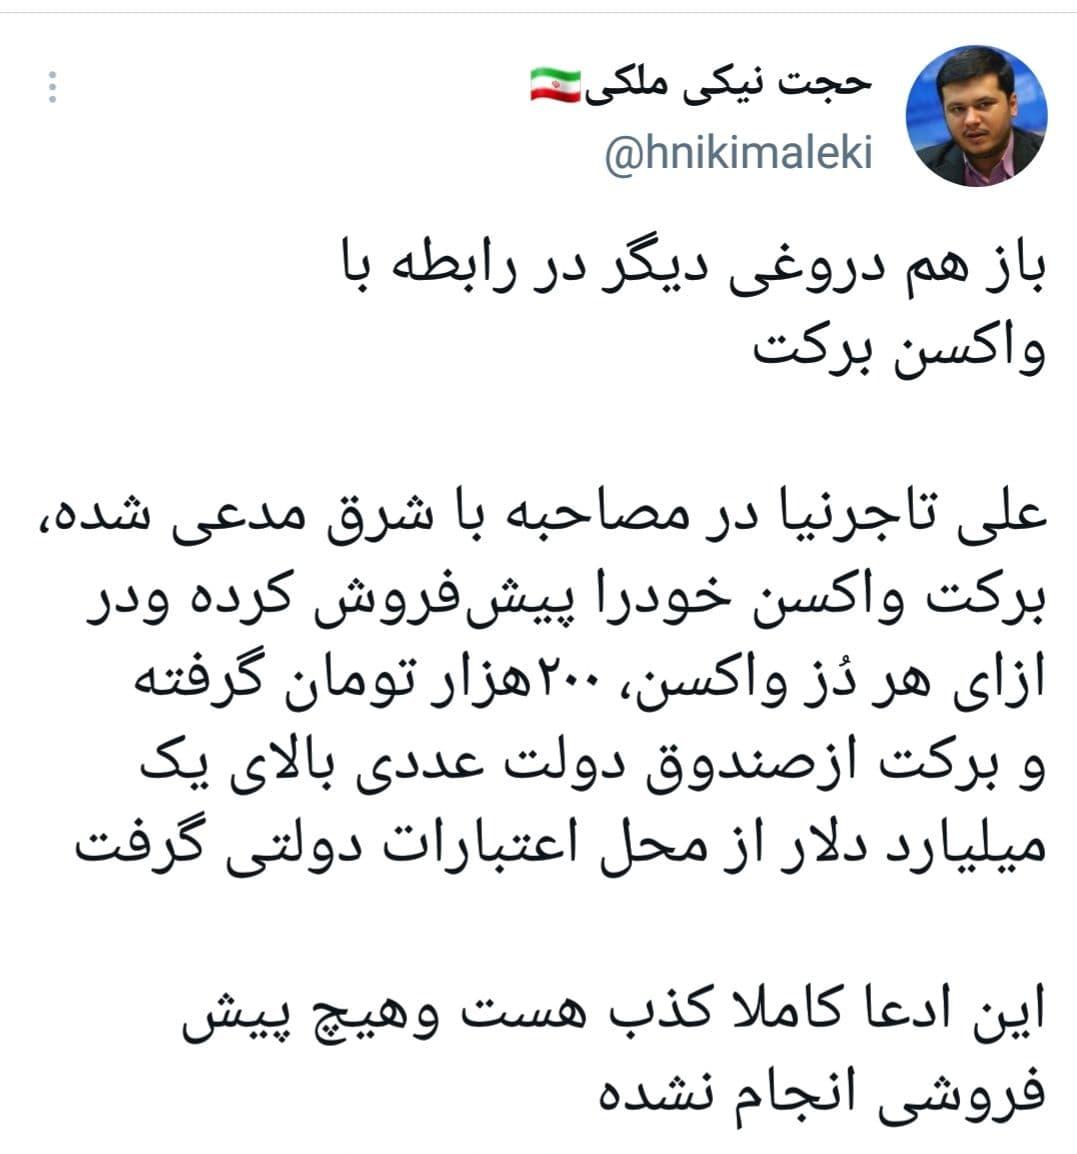 تکذیب دروغی دیگر درباره واکسن کُوو ایران برکت